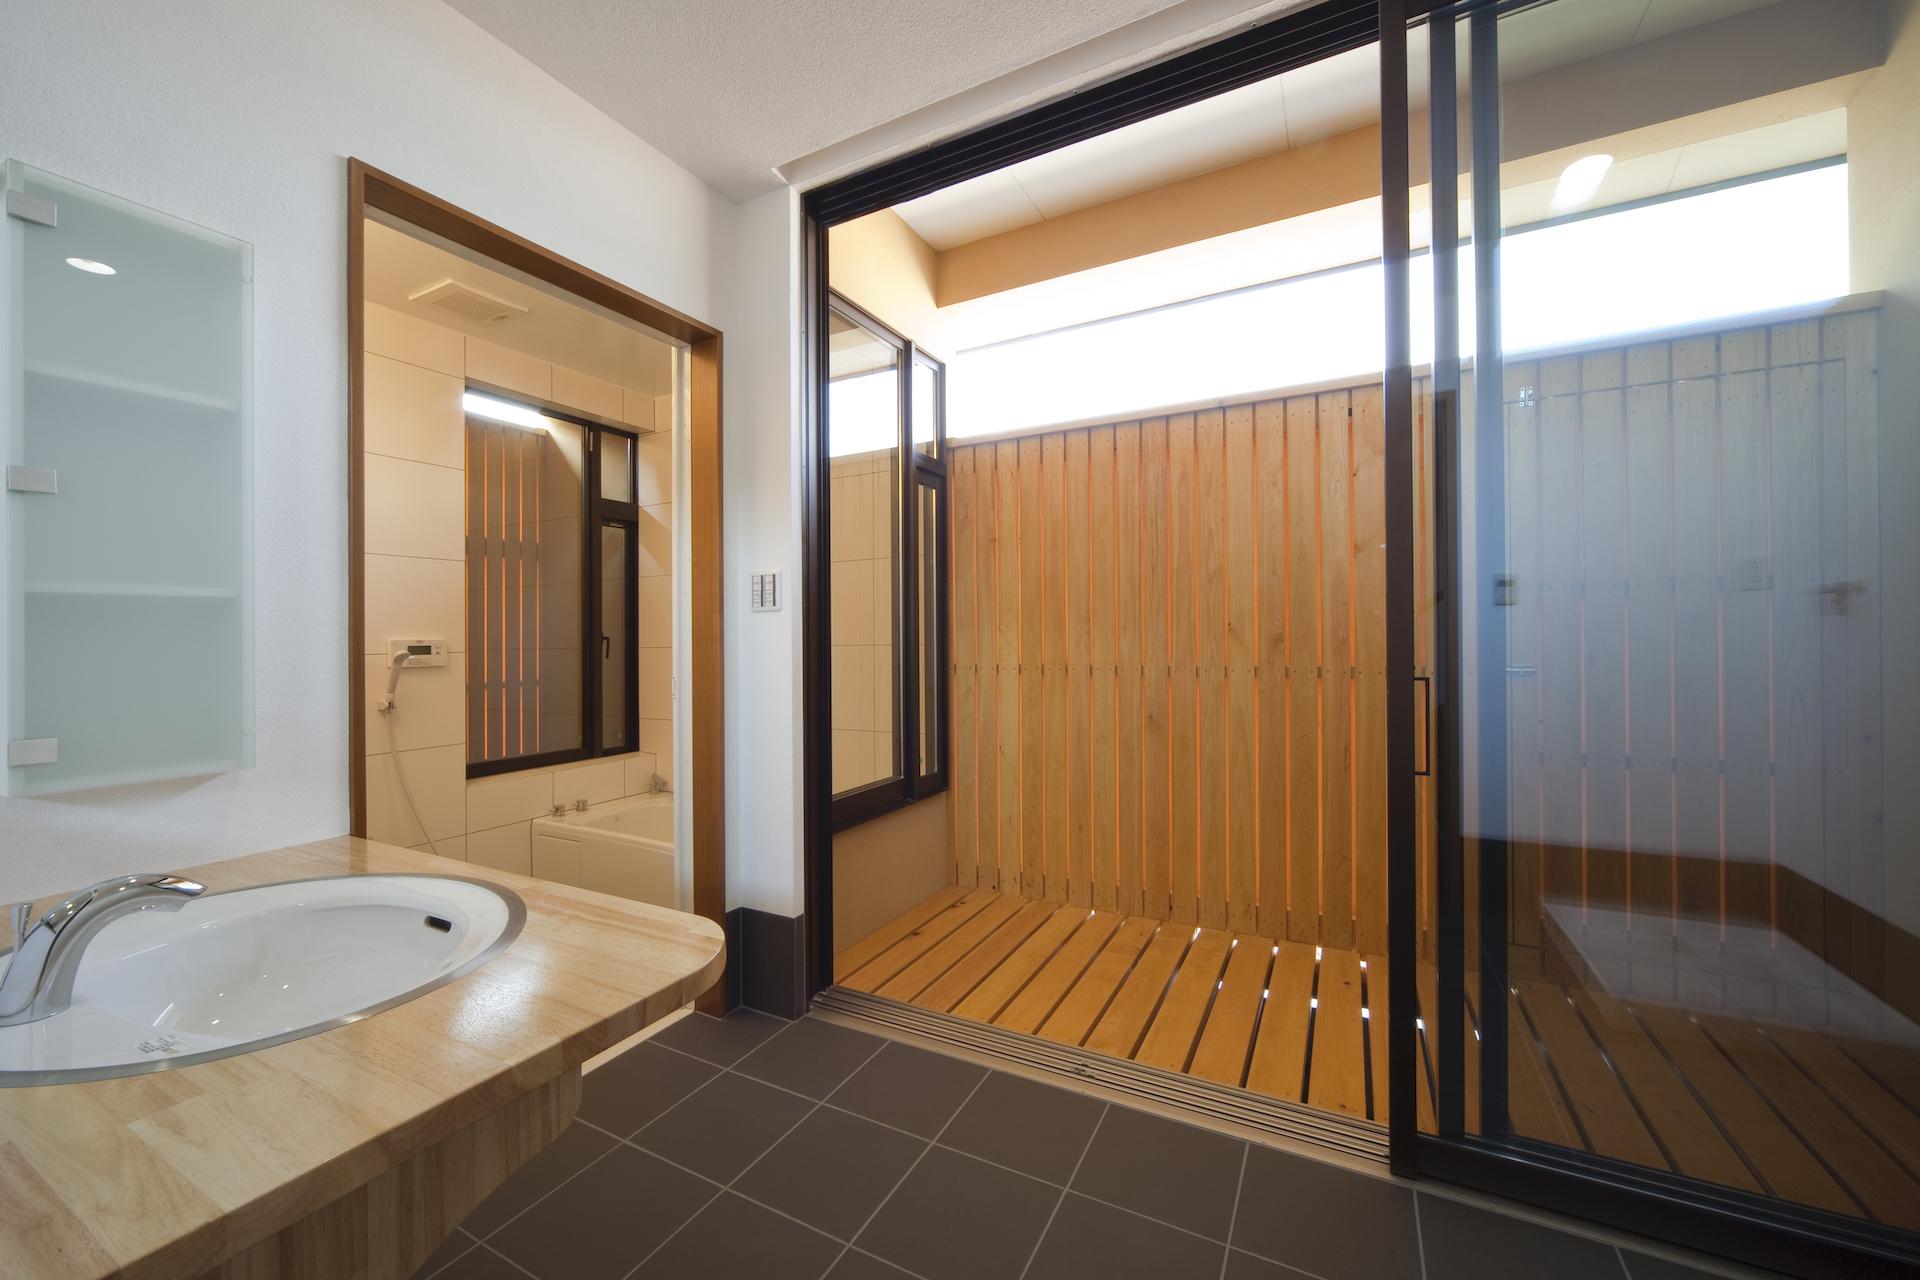 匠集団 槌音(つちおと)【デザイン住宅、和風、二世帯住宅】浴室と洗面室。窓の外には直接外部からは見えない半外空間を設け、開放的な空間とした